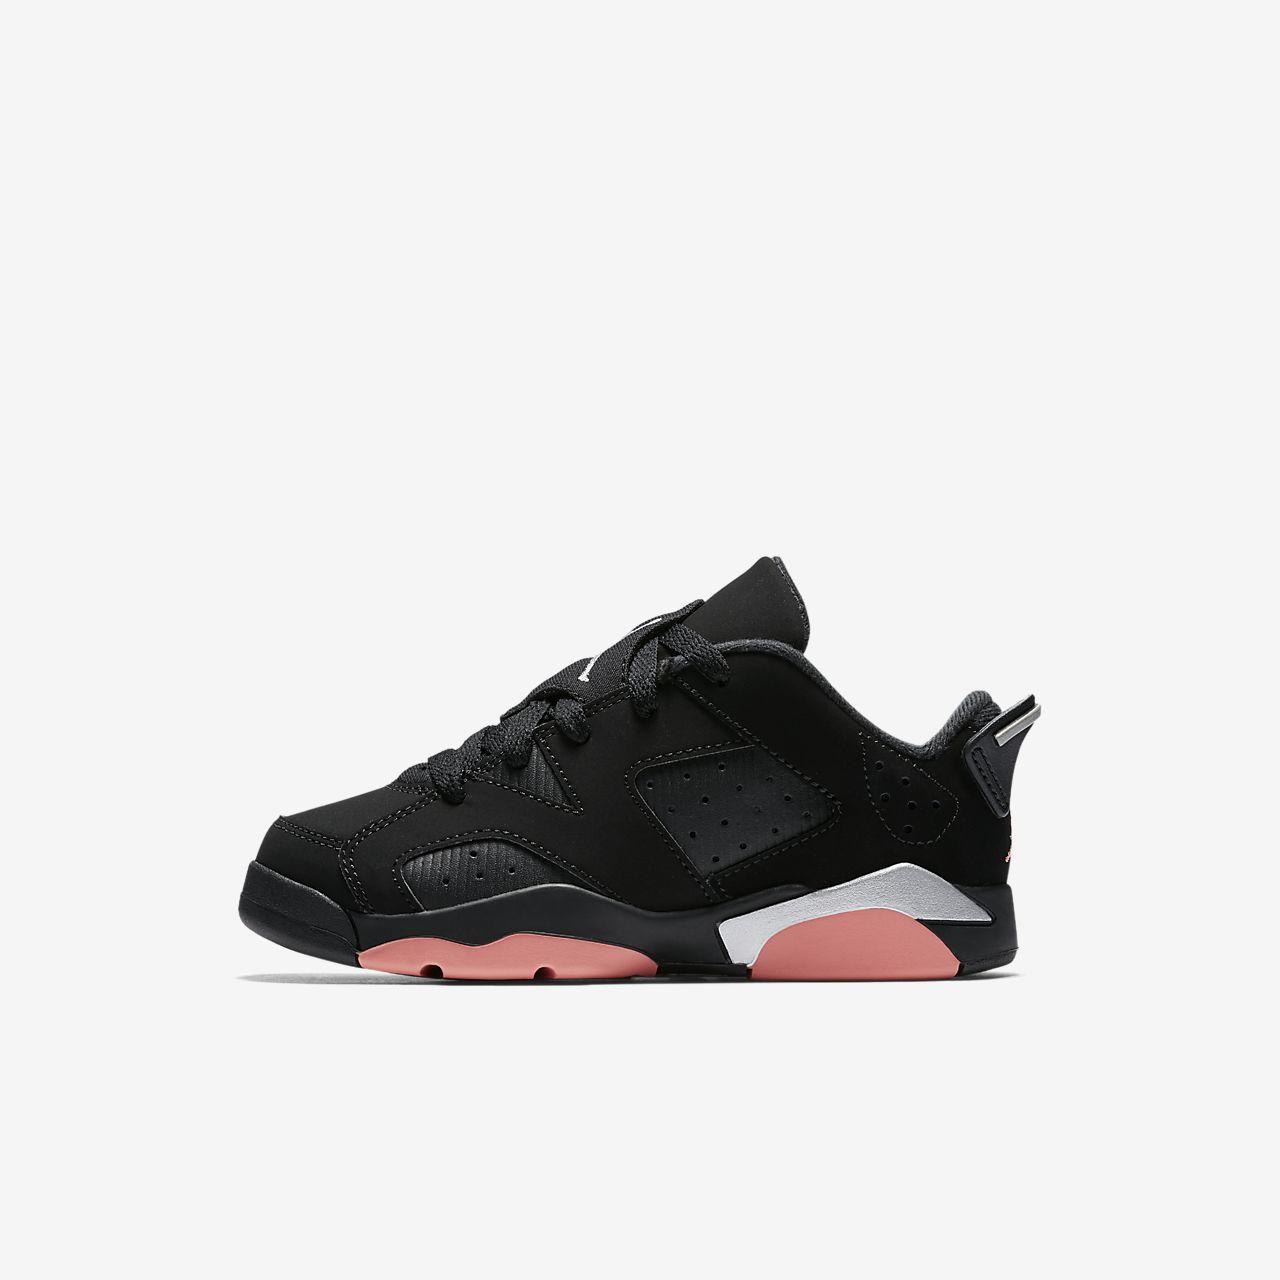 ... Air Jordan Retro 6 Low Preschool Kids Shoe